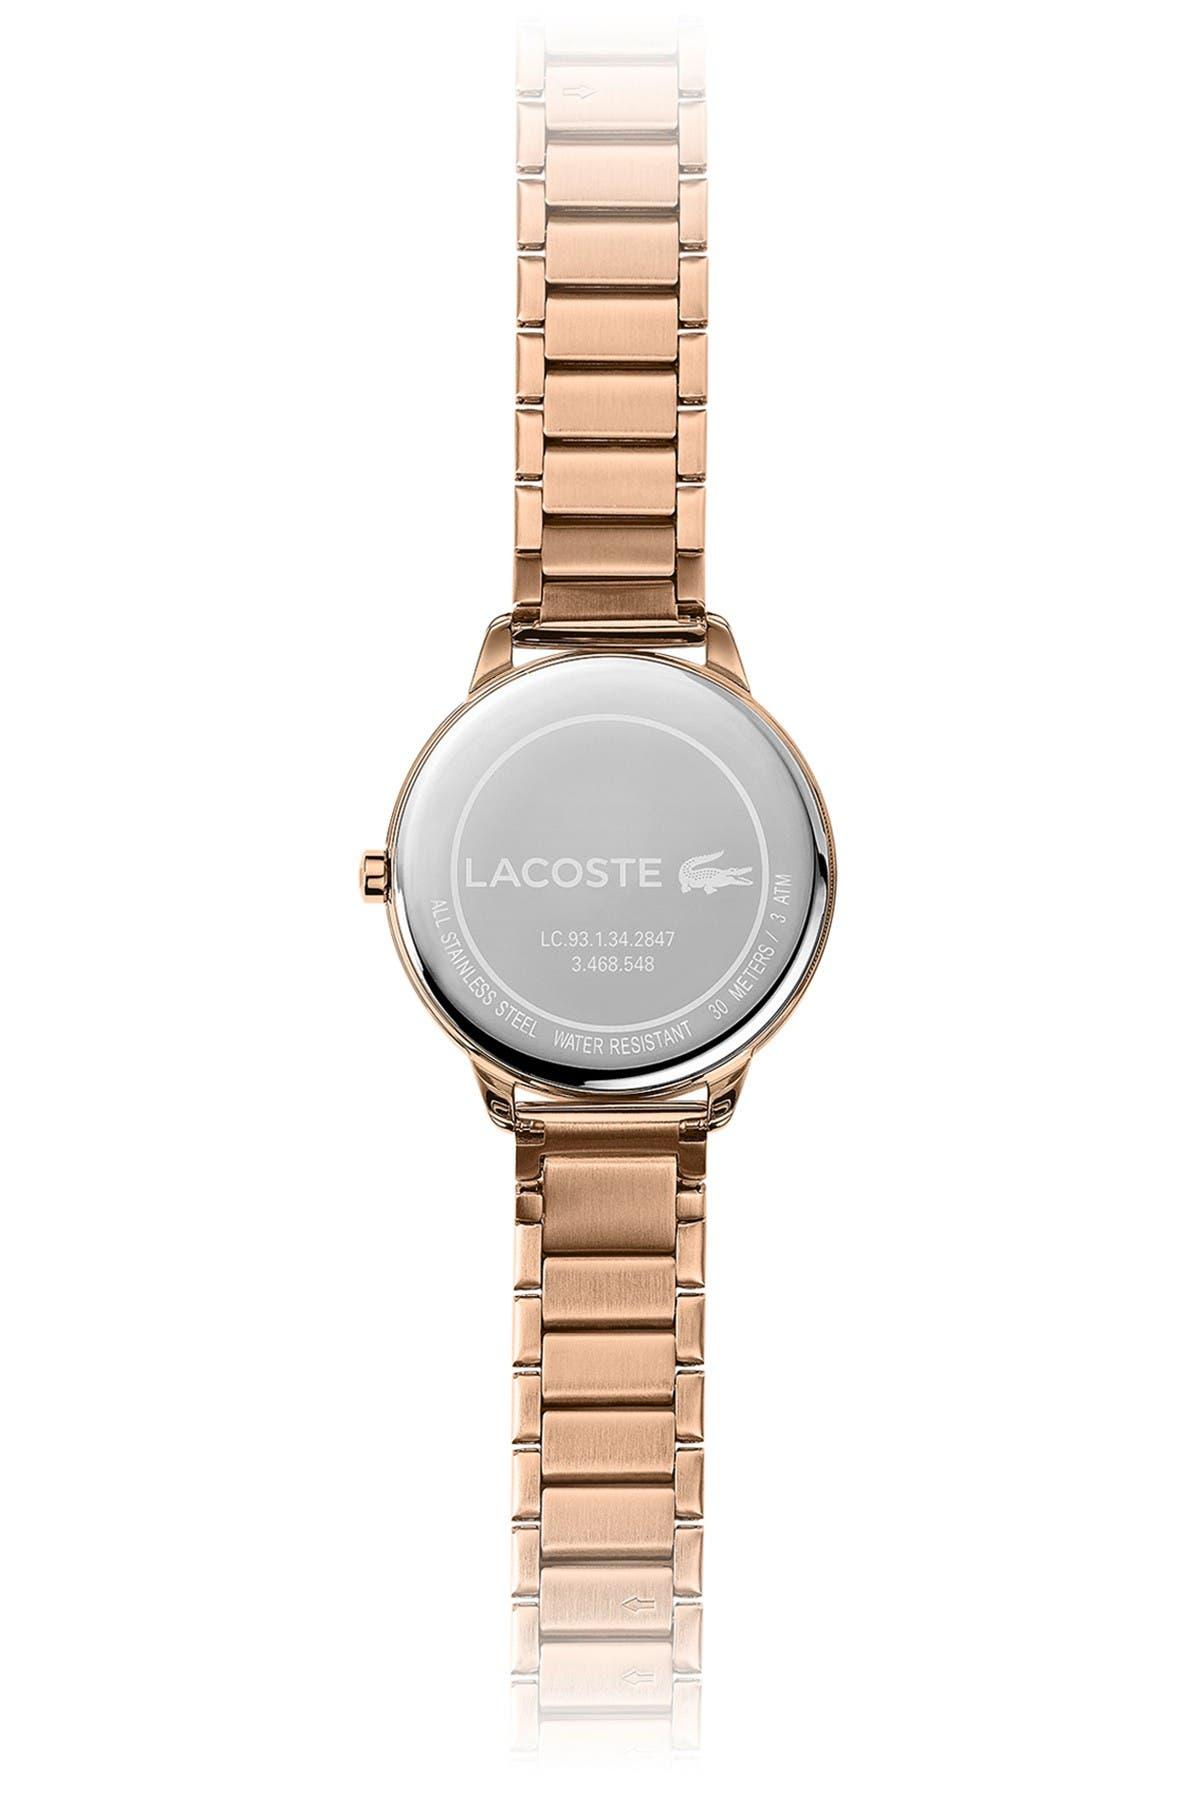 Image of Lacoste Women's Lexi Bracelet Watch, 38mm